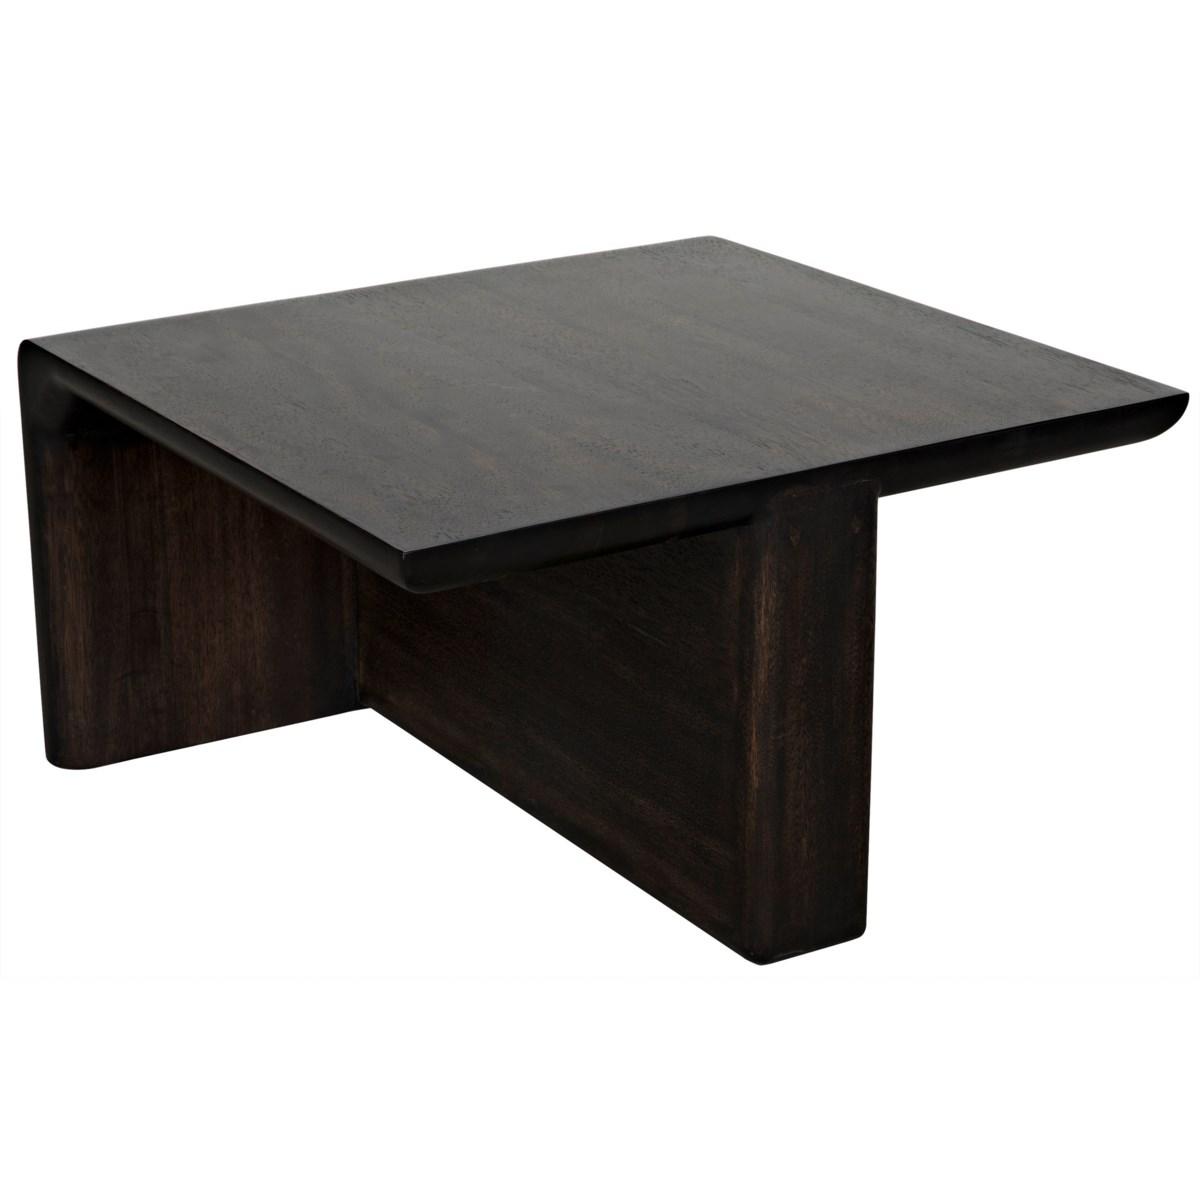 Hagen Coffee Table, Ebony Walnut